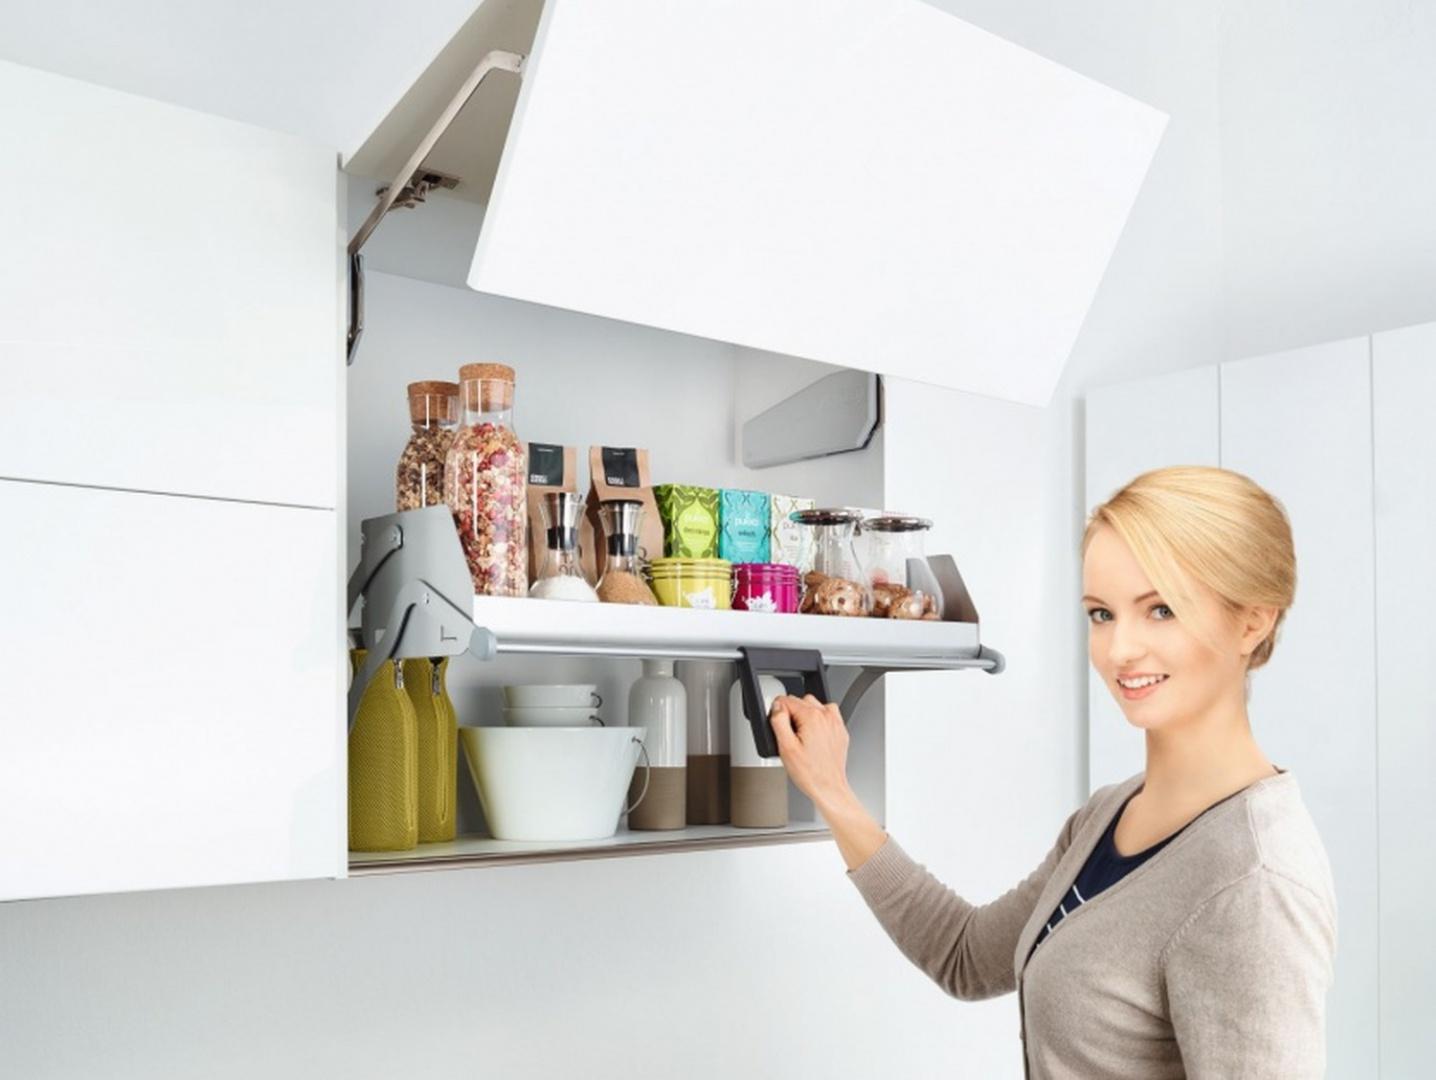 Przechowywanie W Kuchni Praktyczne Rozwiązania Galeria